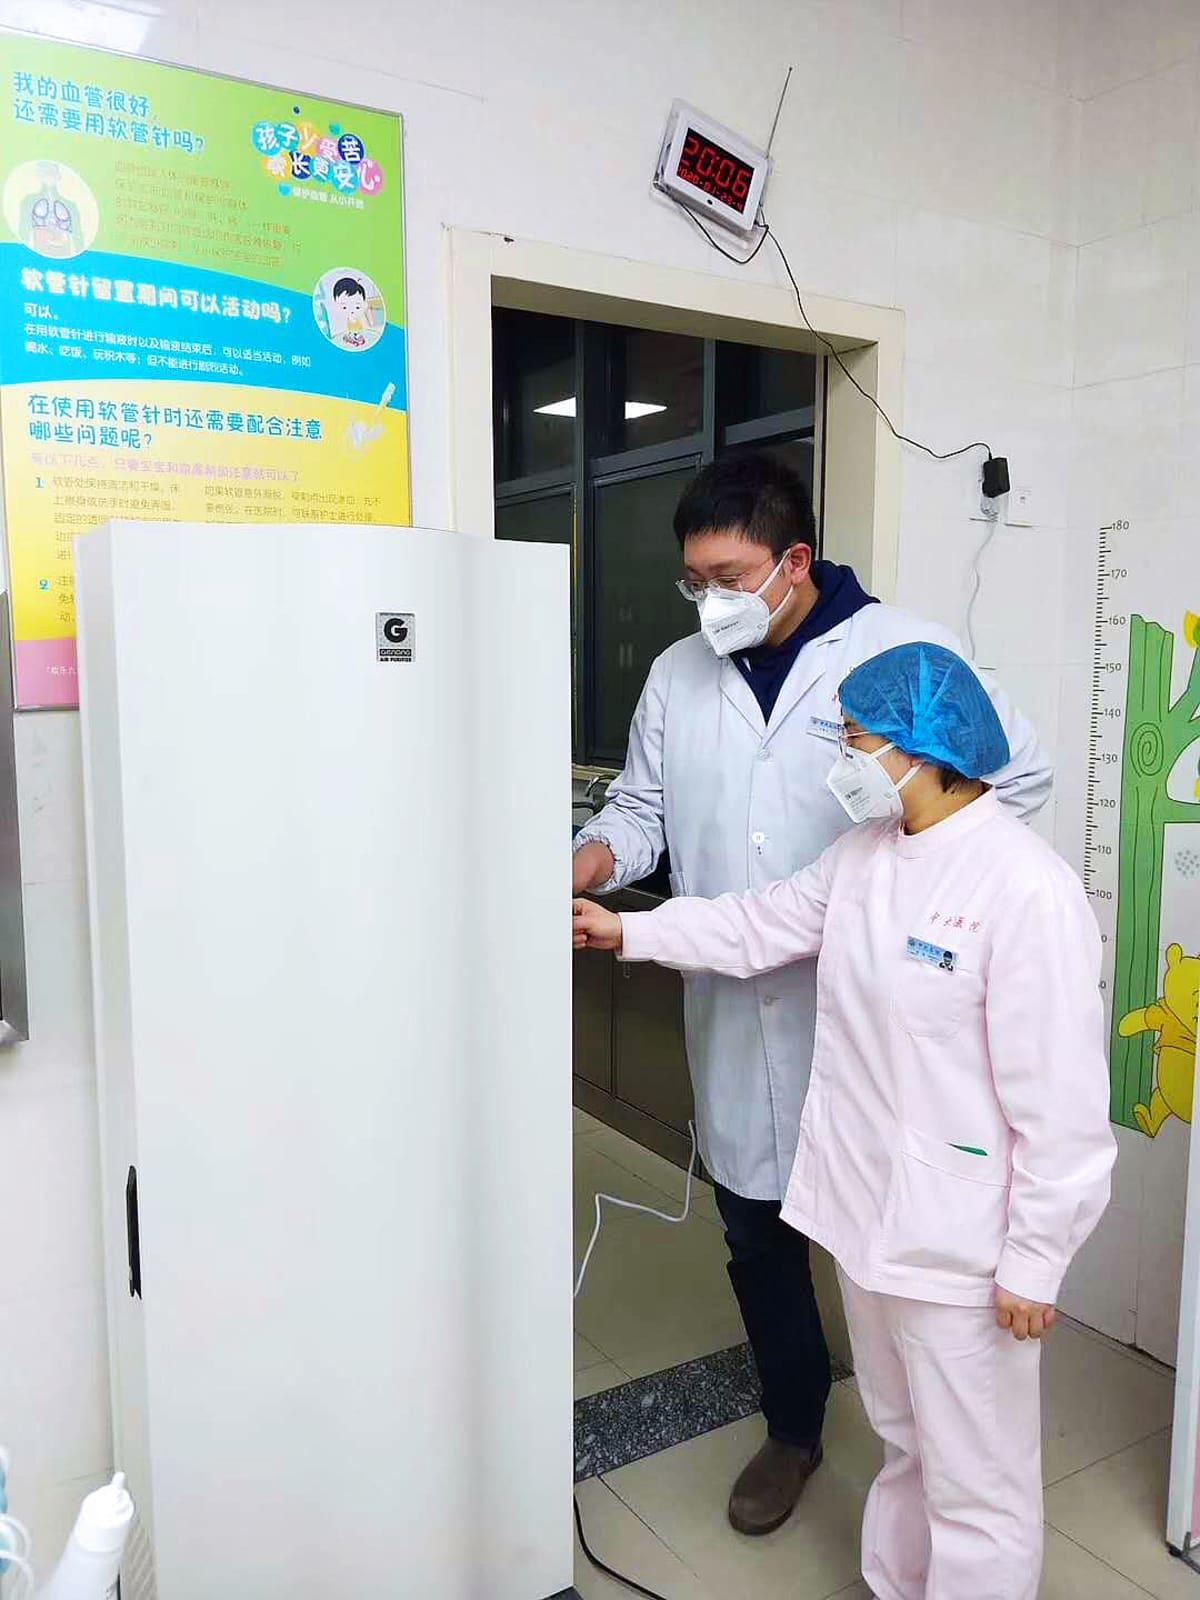 Espoolaisen terveysteknologiayritys Genanon ilmanpuhdistajia vietiin Kiinan Wuhaniin koronaepidemian aikaan helmikuussa 2020.